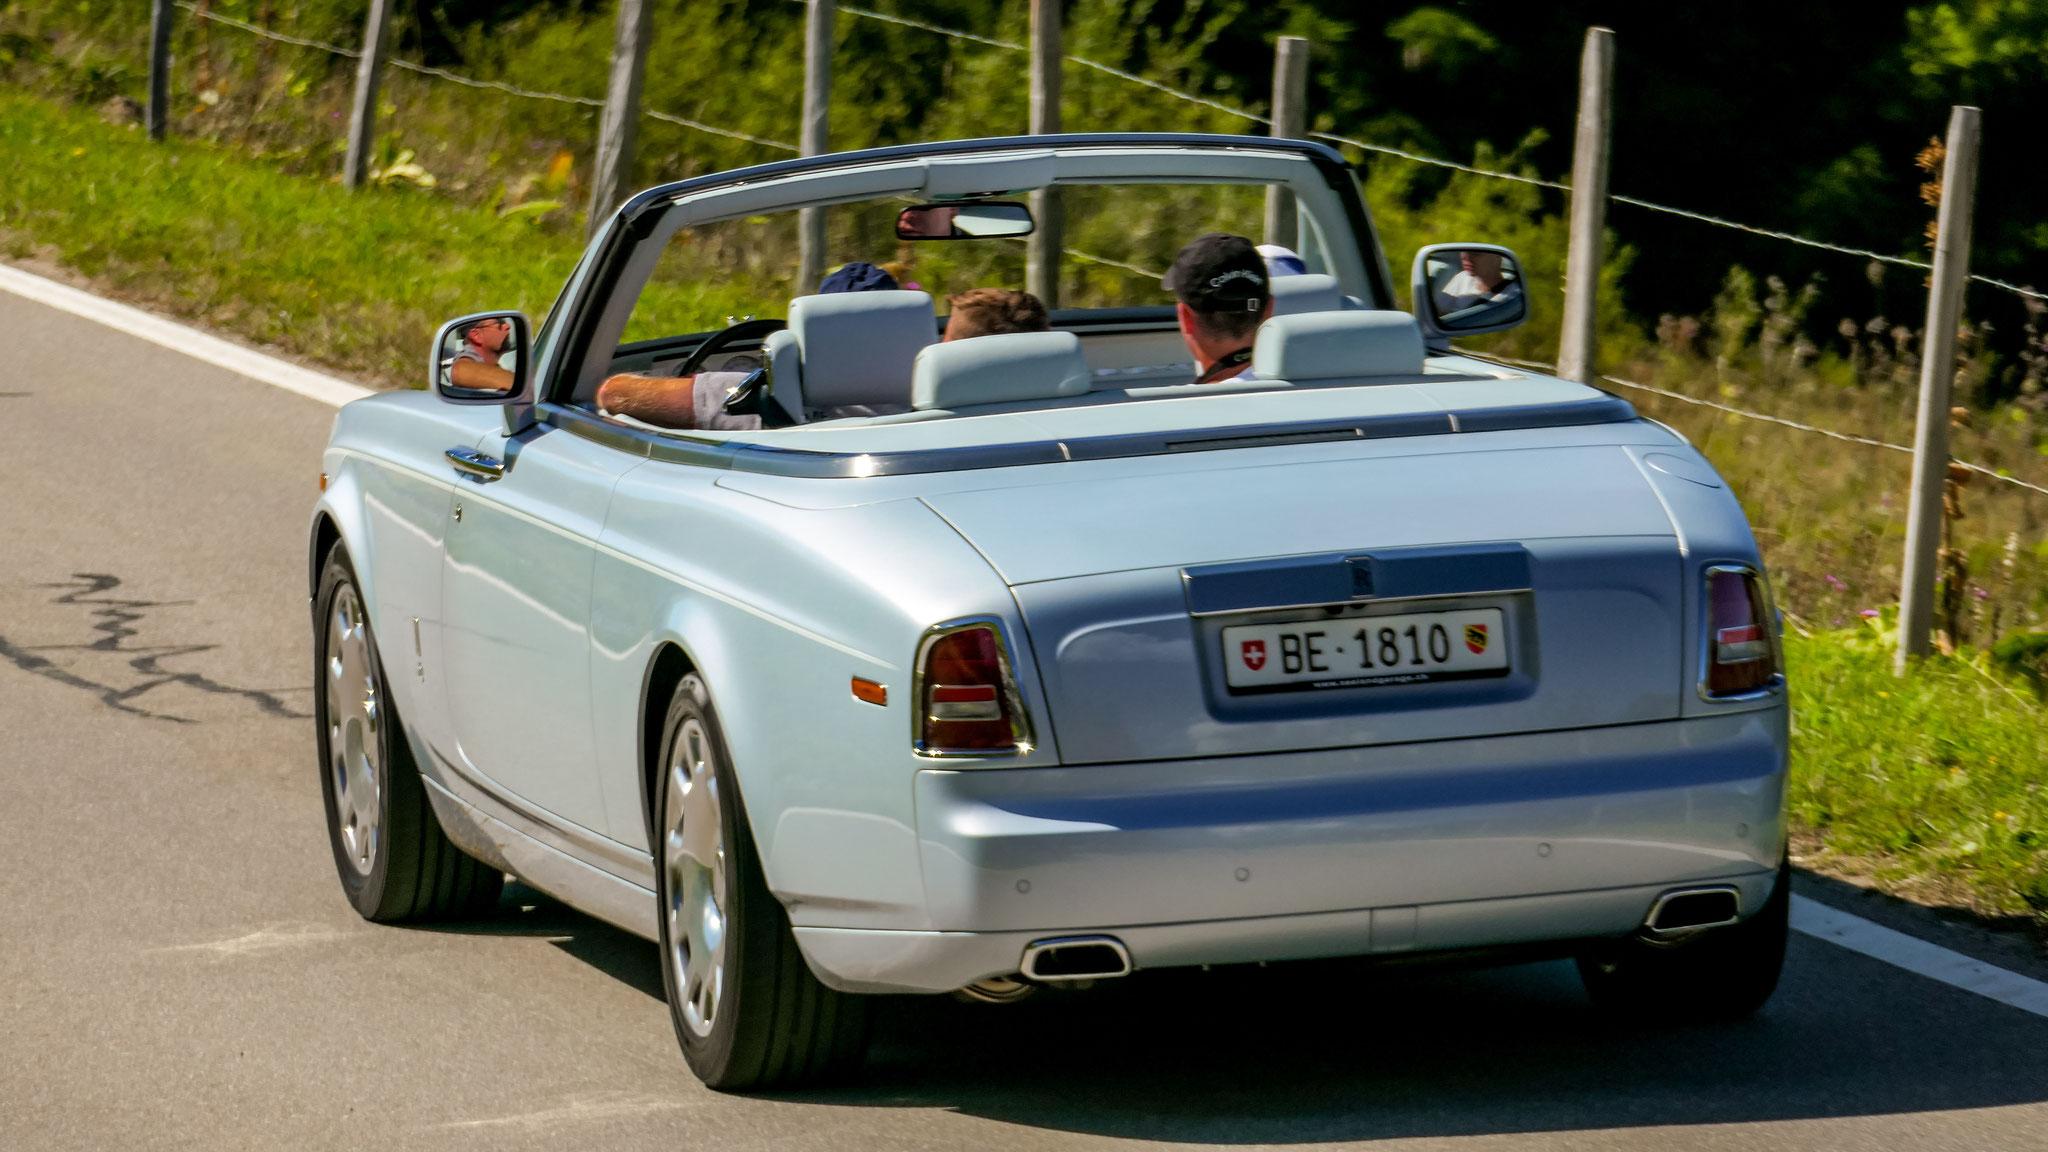 Rolls Royce Drophead - BE-1810 (CH)